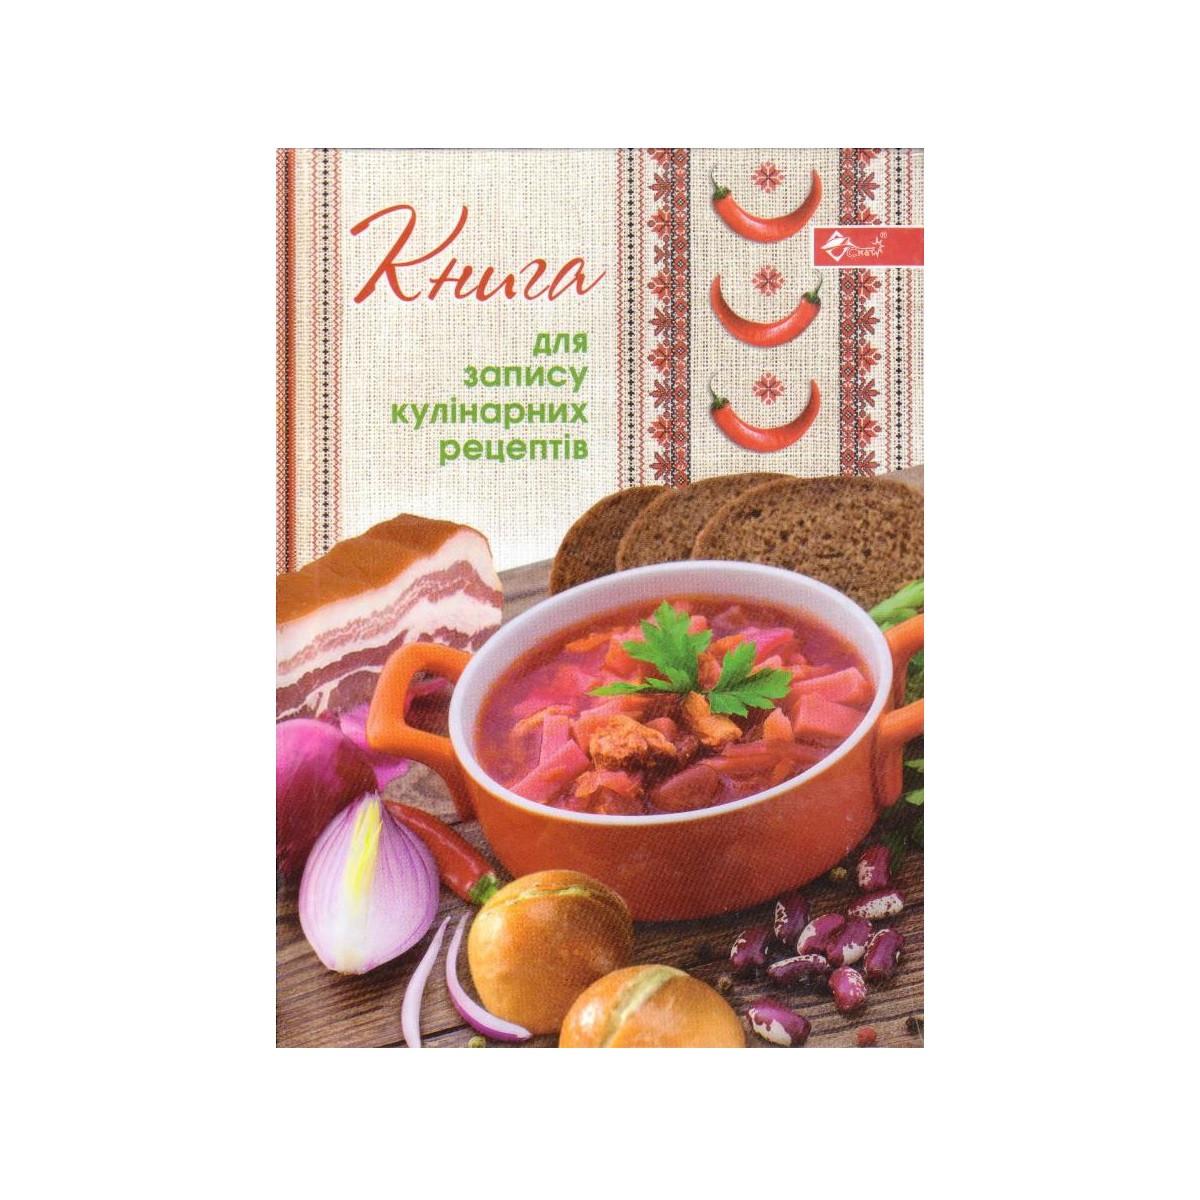 Книга для записи кулинарных рецептов В6, ТП-45,  тв. переплёт